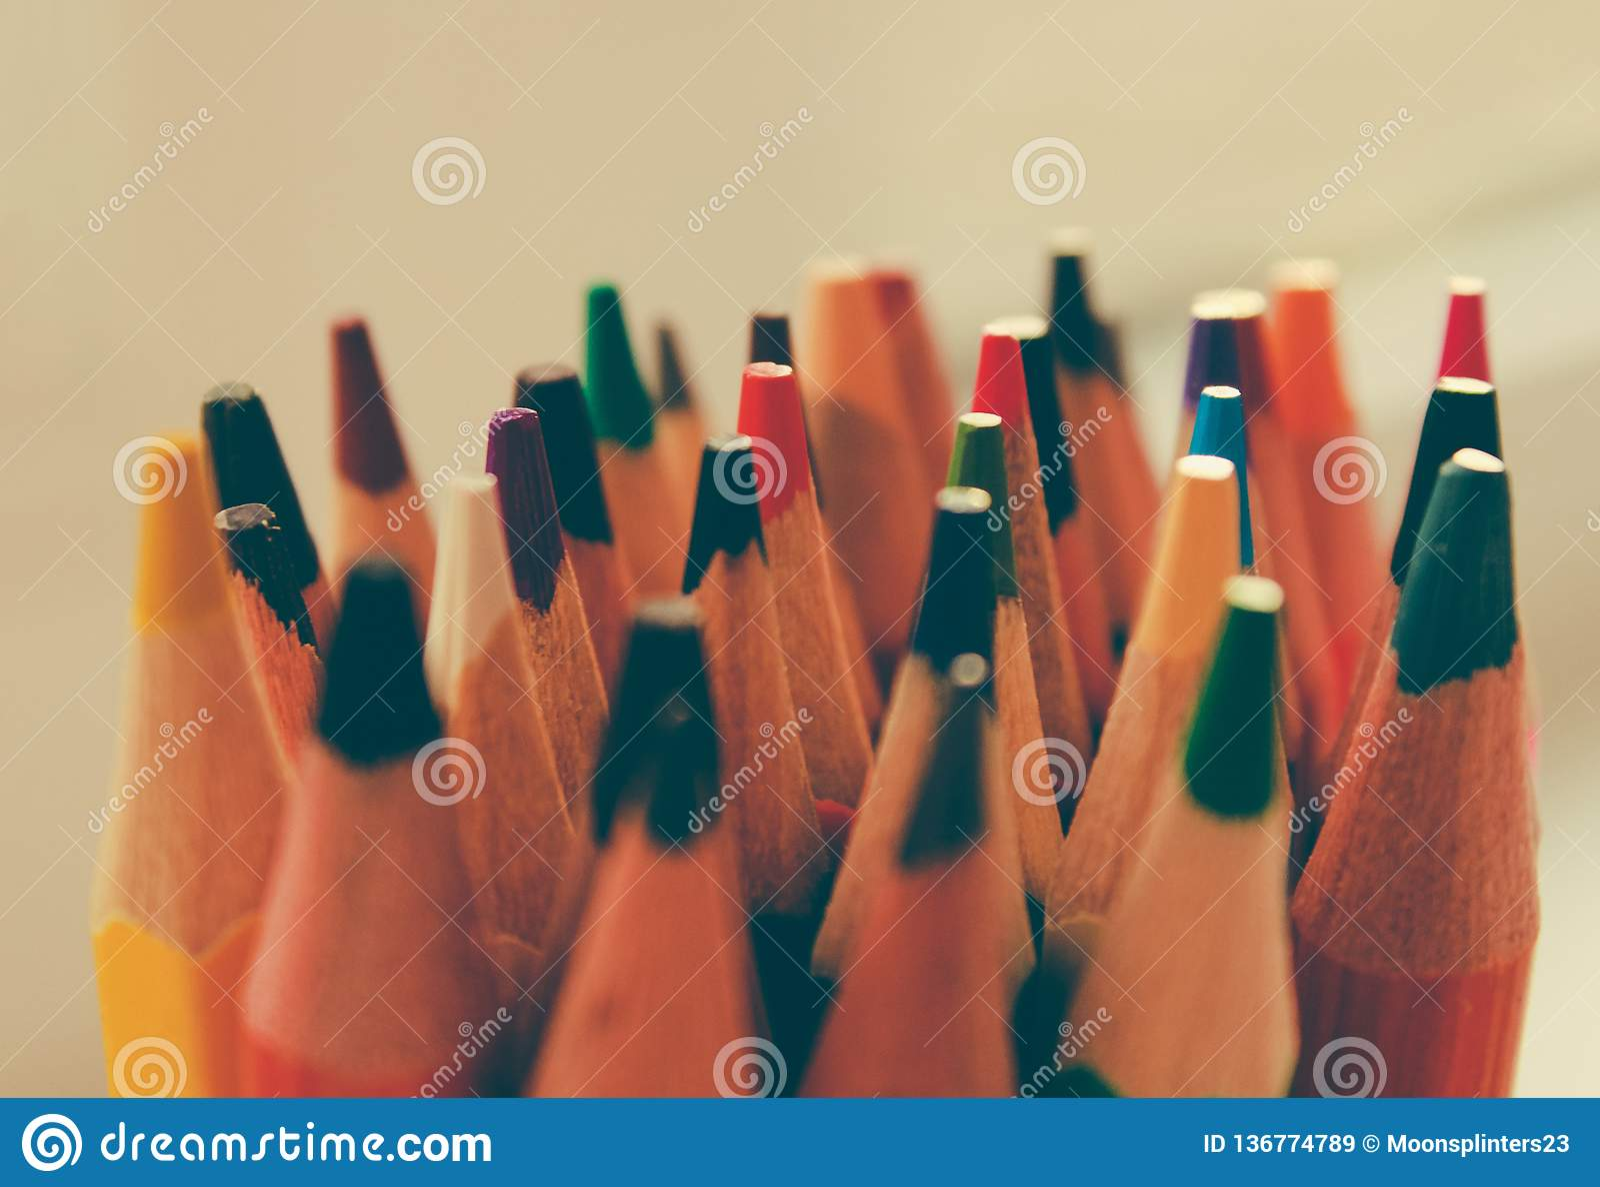 De volta à escola, conceito dos lápis coloridos em um fundo amarelo de papel textured para esboçar Matizado em um na moda e